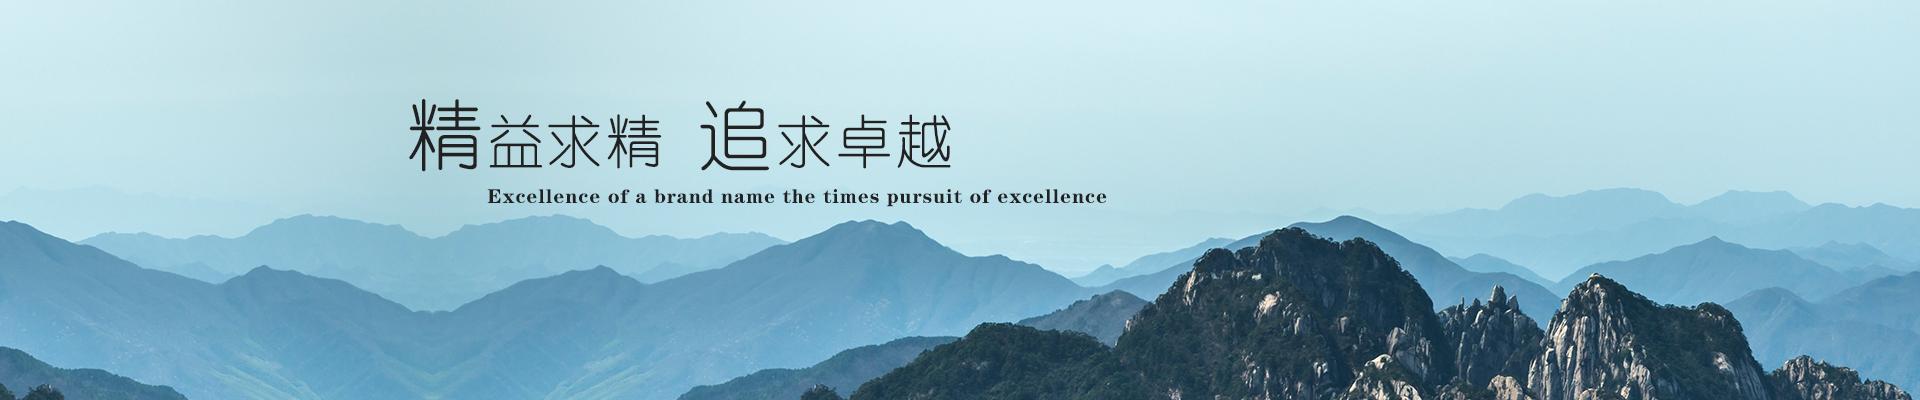 上海紫宏信息科技有限公司